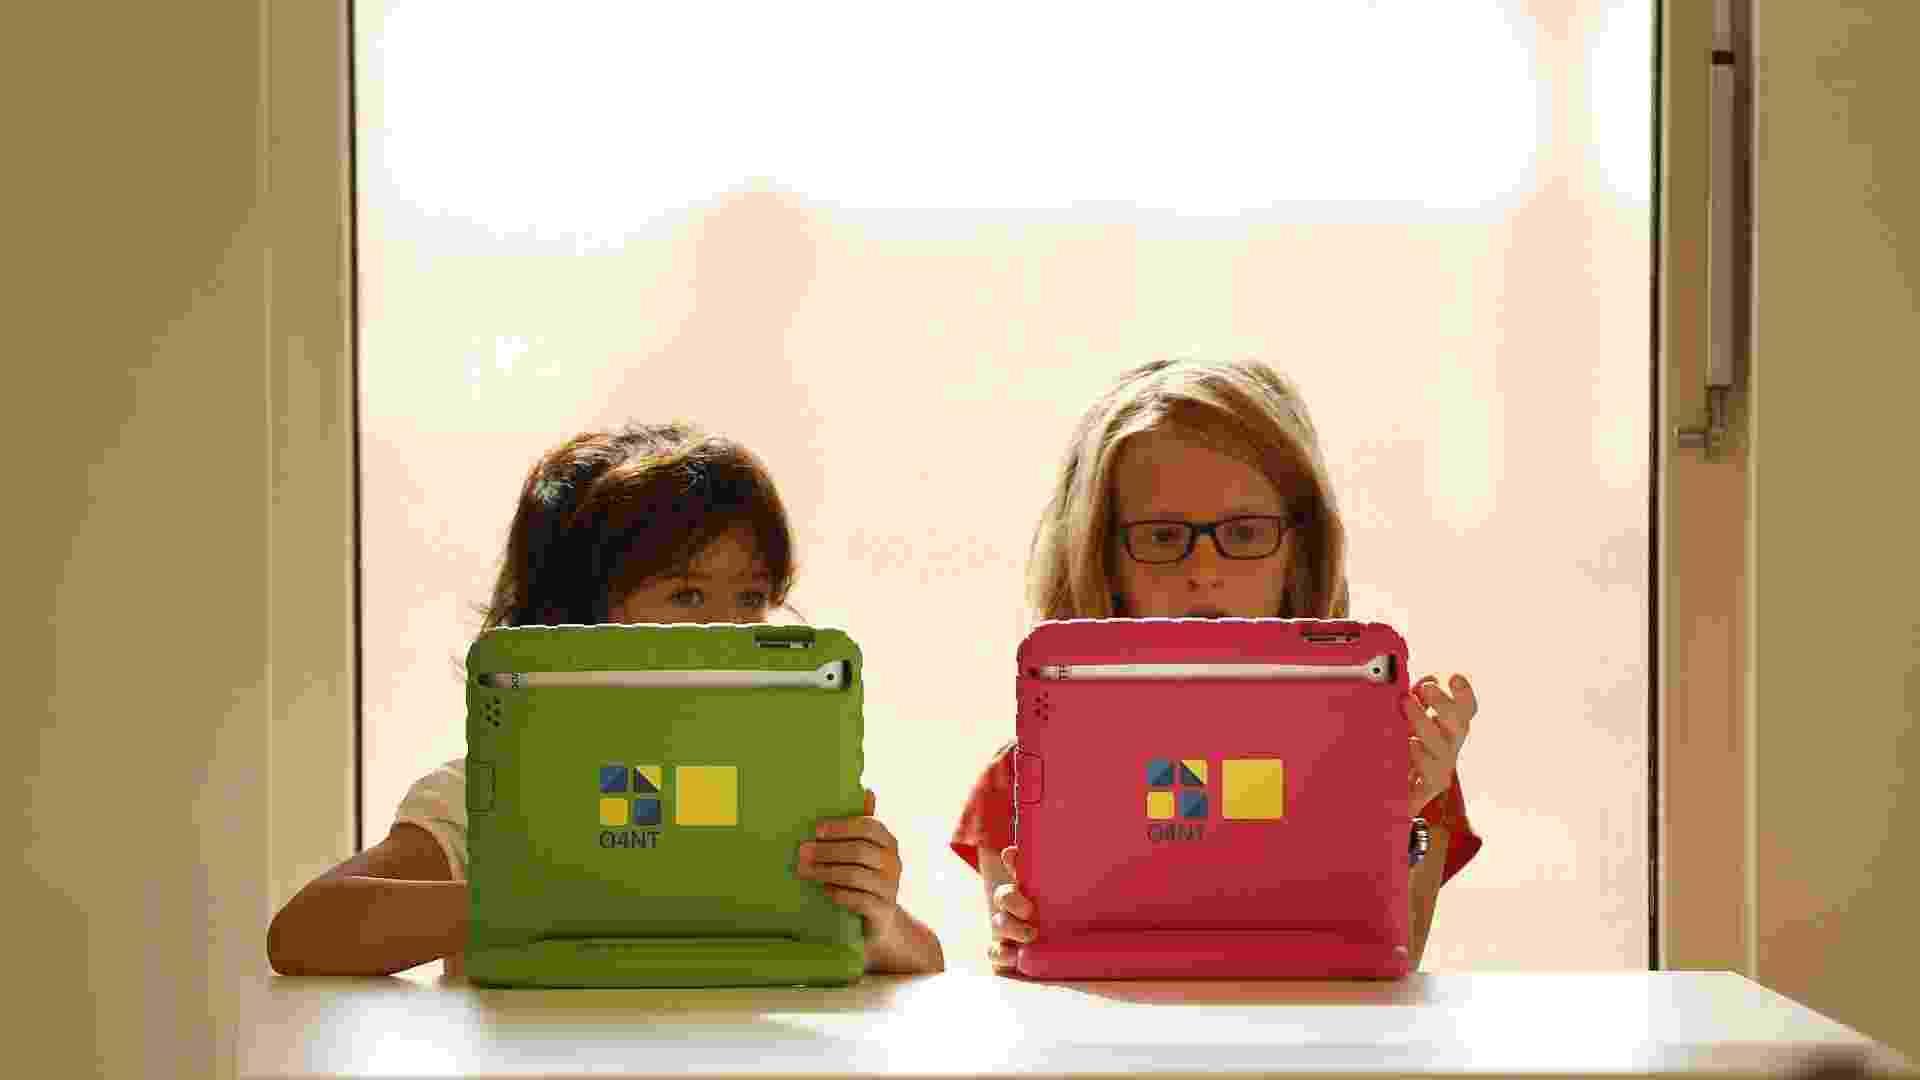 21.ago.2013 - Alunos utilizam tablets no primeiro dia de aula da primeira unidade do Colégio Steve Jobs, em Sneek, no norte da Holanda, nesta quarta-feira (21). Na escola, criada pela organização O4NT (Educação dos Novos Tempos), dispositivos como o iPad desenvolvem importante papel no aprendizado e são usados como forma de garantir uma maior experiência interativa - Catrinus Van Der Veen/EFE